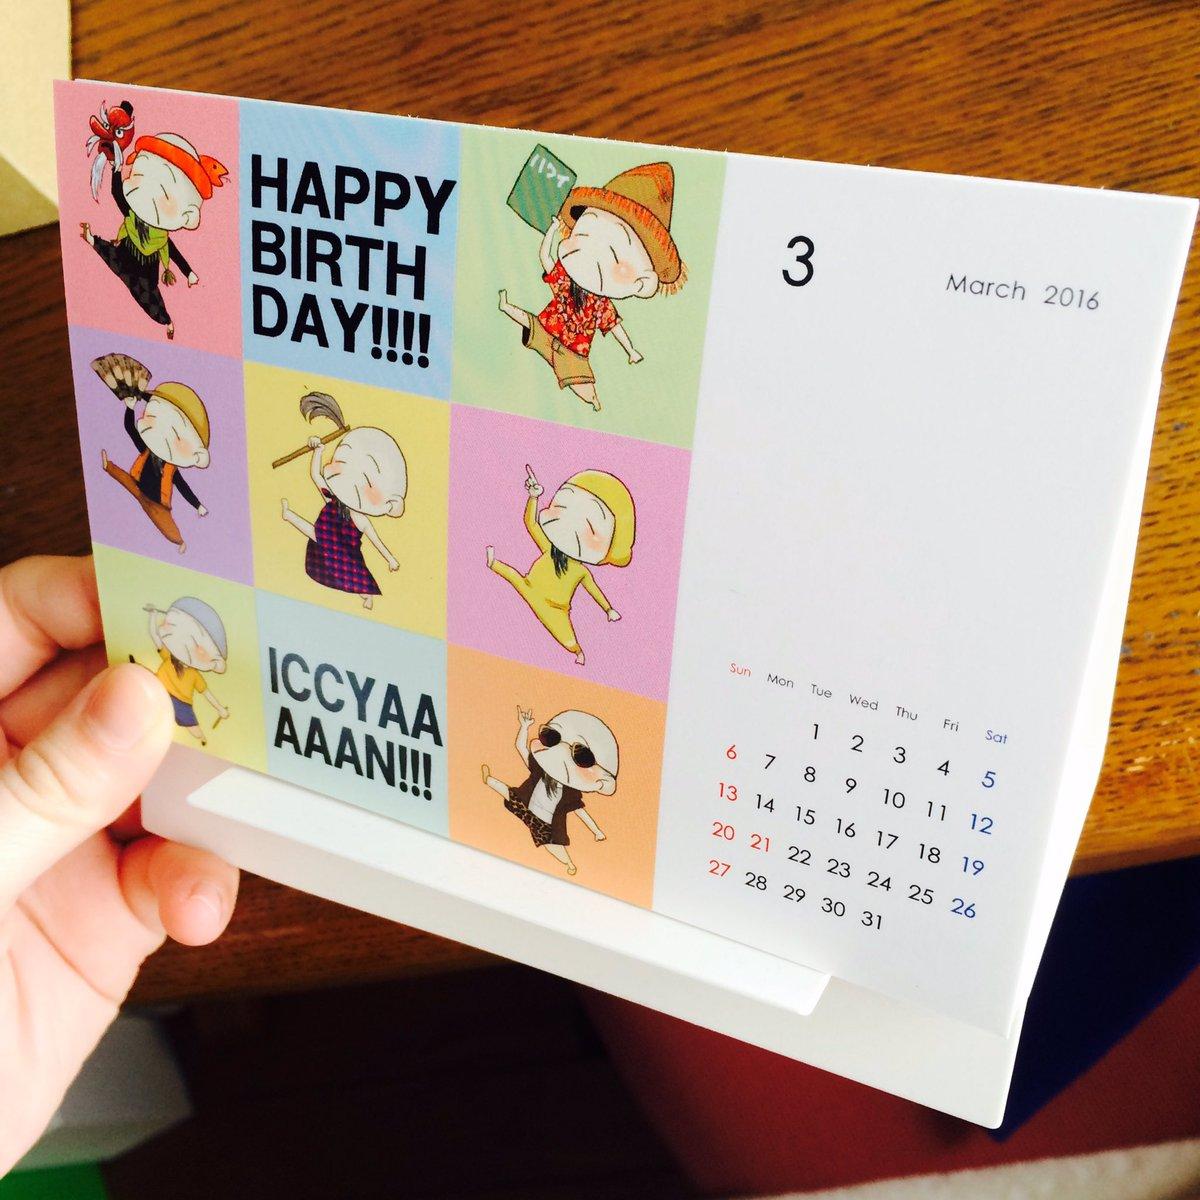 でもやっぱり全月集まってほしいからまだまだ【募集】!!! 来年のACIDMANカレンダーでカレンダー絵を描いてくださる方を募集してます!(`・ω・)こんな感じです!今年の3月かわすけ担当でした! ぜひお気軽に〜〜!!